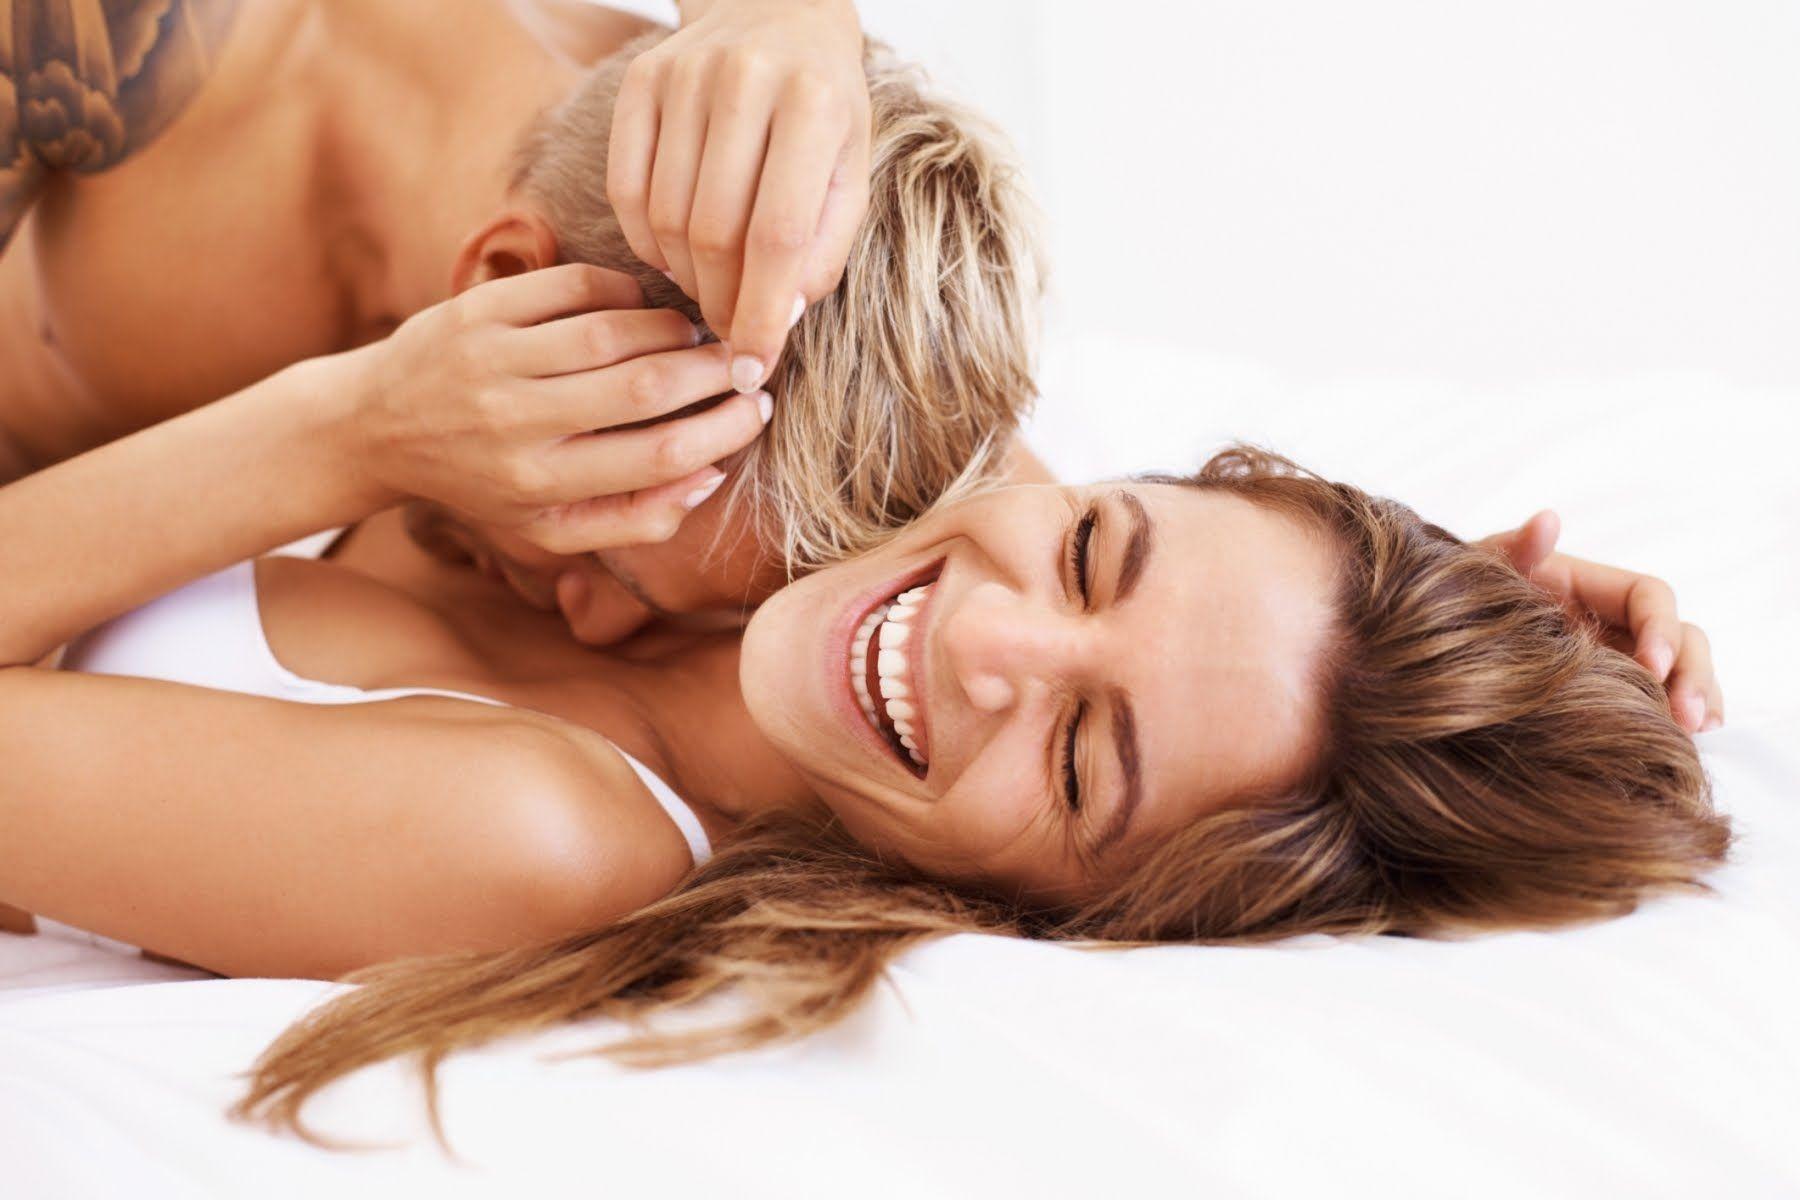 Wie man eine Frau oral befriedigt